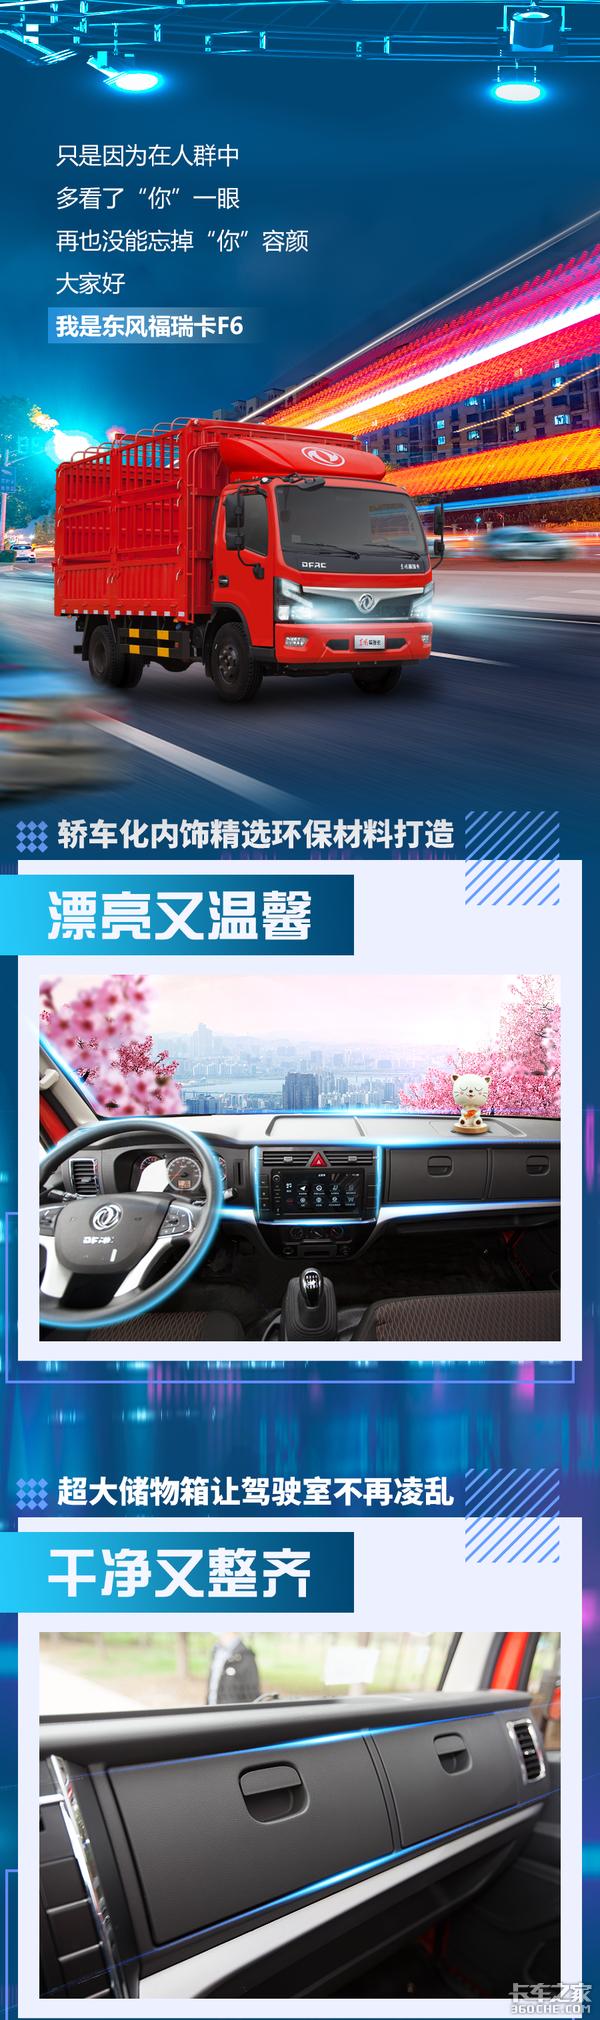 东风福瑞卡F6|舒适+快乐+收入=经营